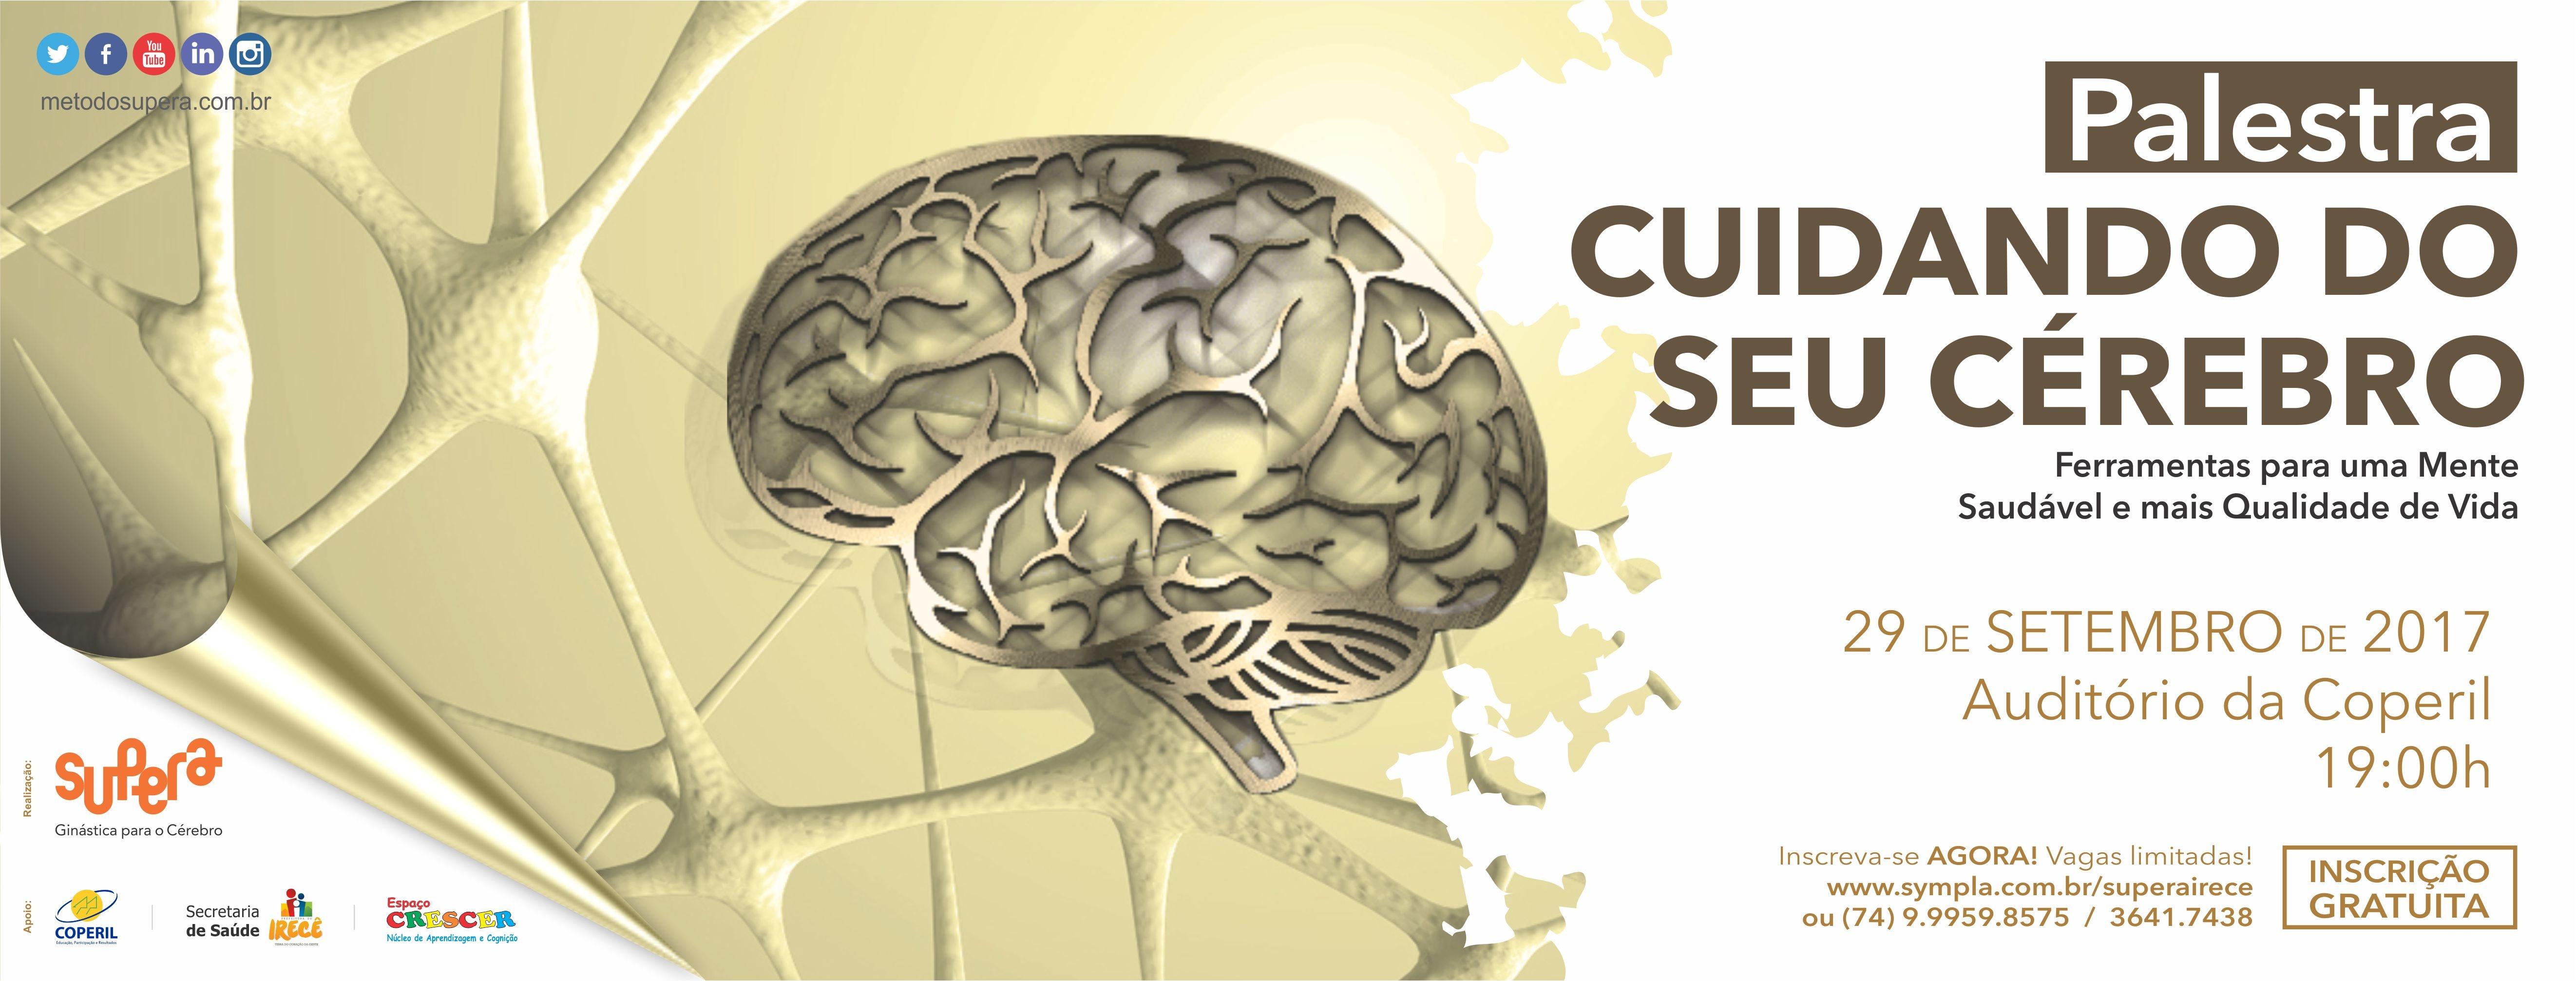 1564b501b3 Cuidando do seu Cérebro - Ferramentas para uma mente saudável e mais  qualidade de vida - Sympla